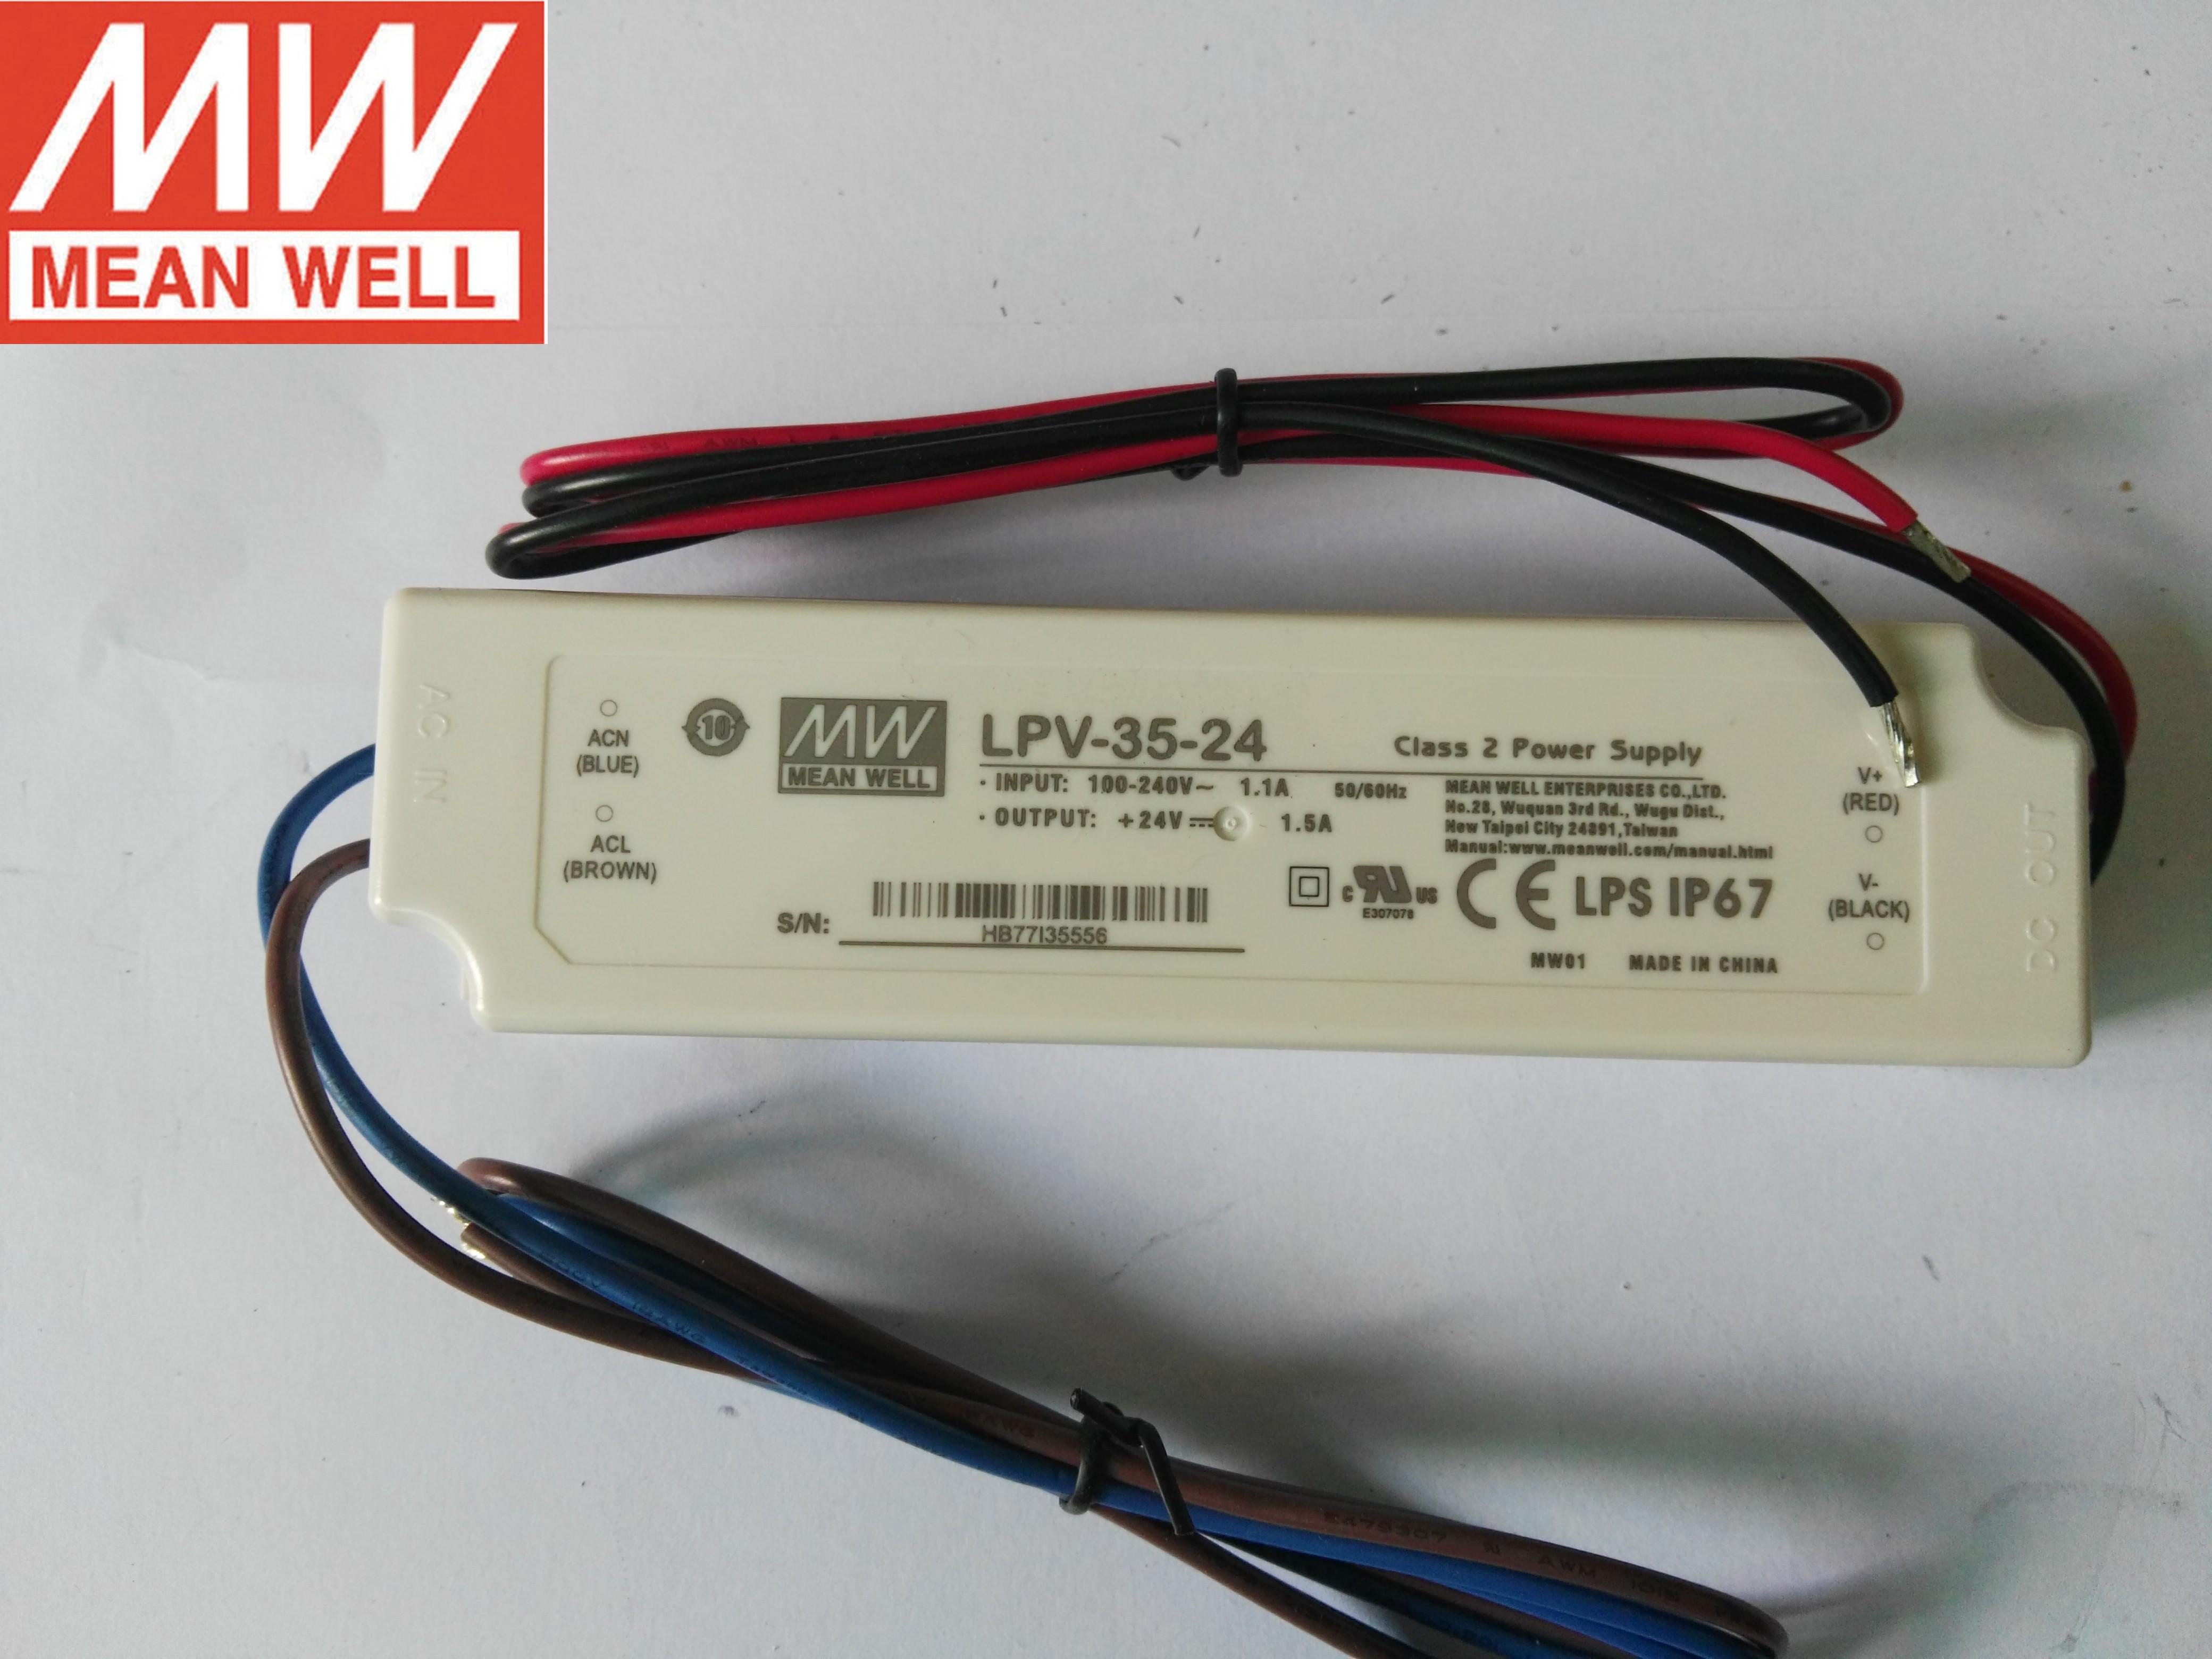 Meanwell stromversorgung LPV-35-12LPV-35-24LPV-35-48 meanwell schaltnetzteile